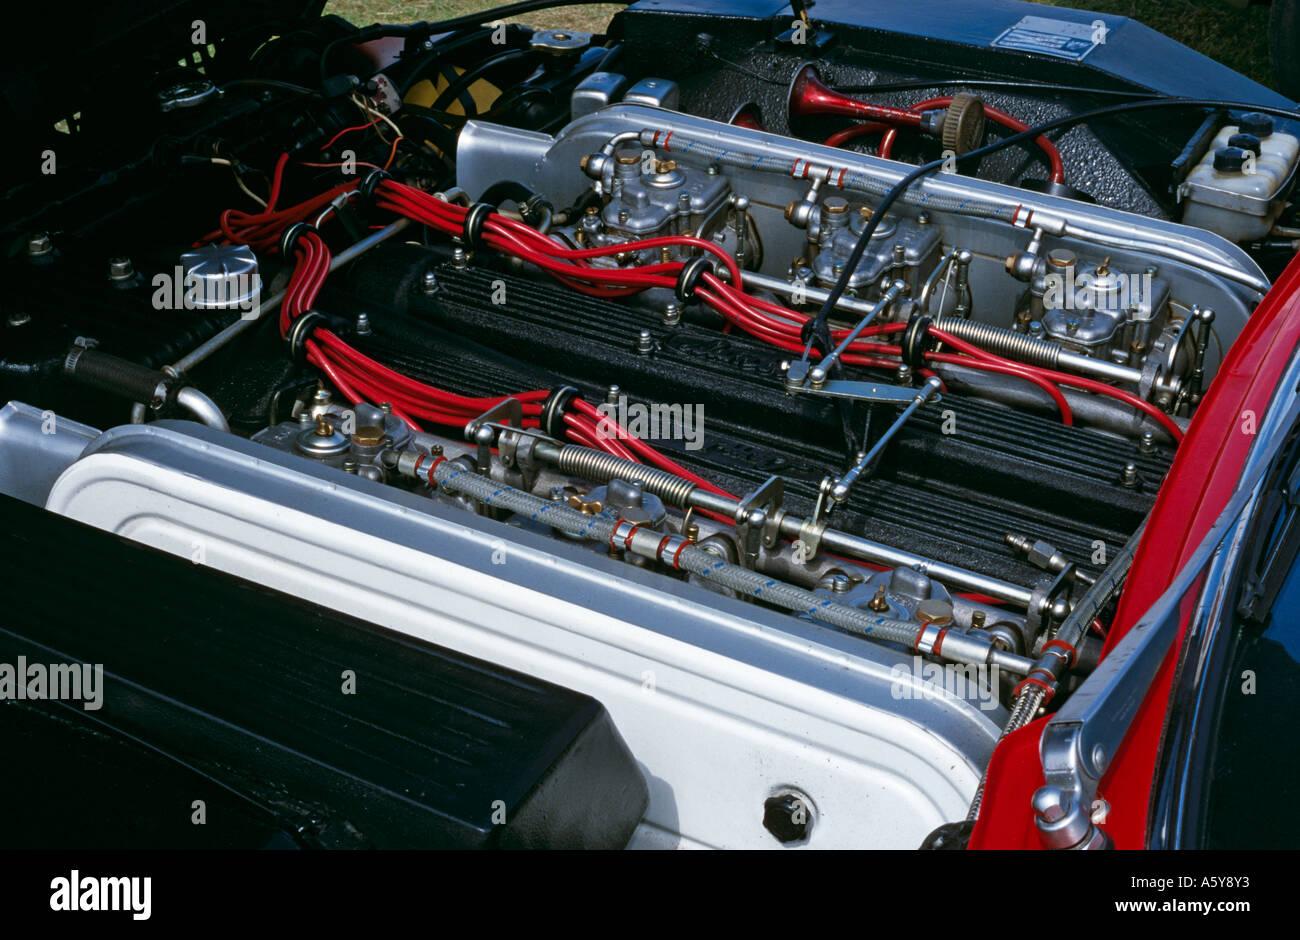 Lamborghini V12 Engine Stock Photos Lamborghini V12 Engine Stock